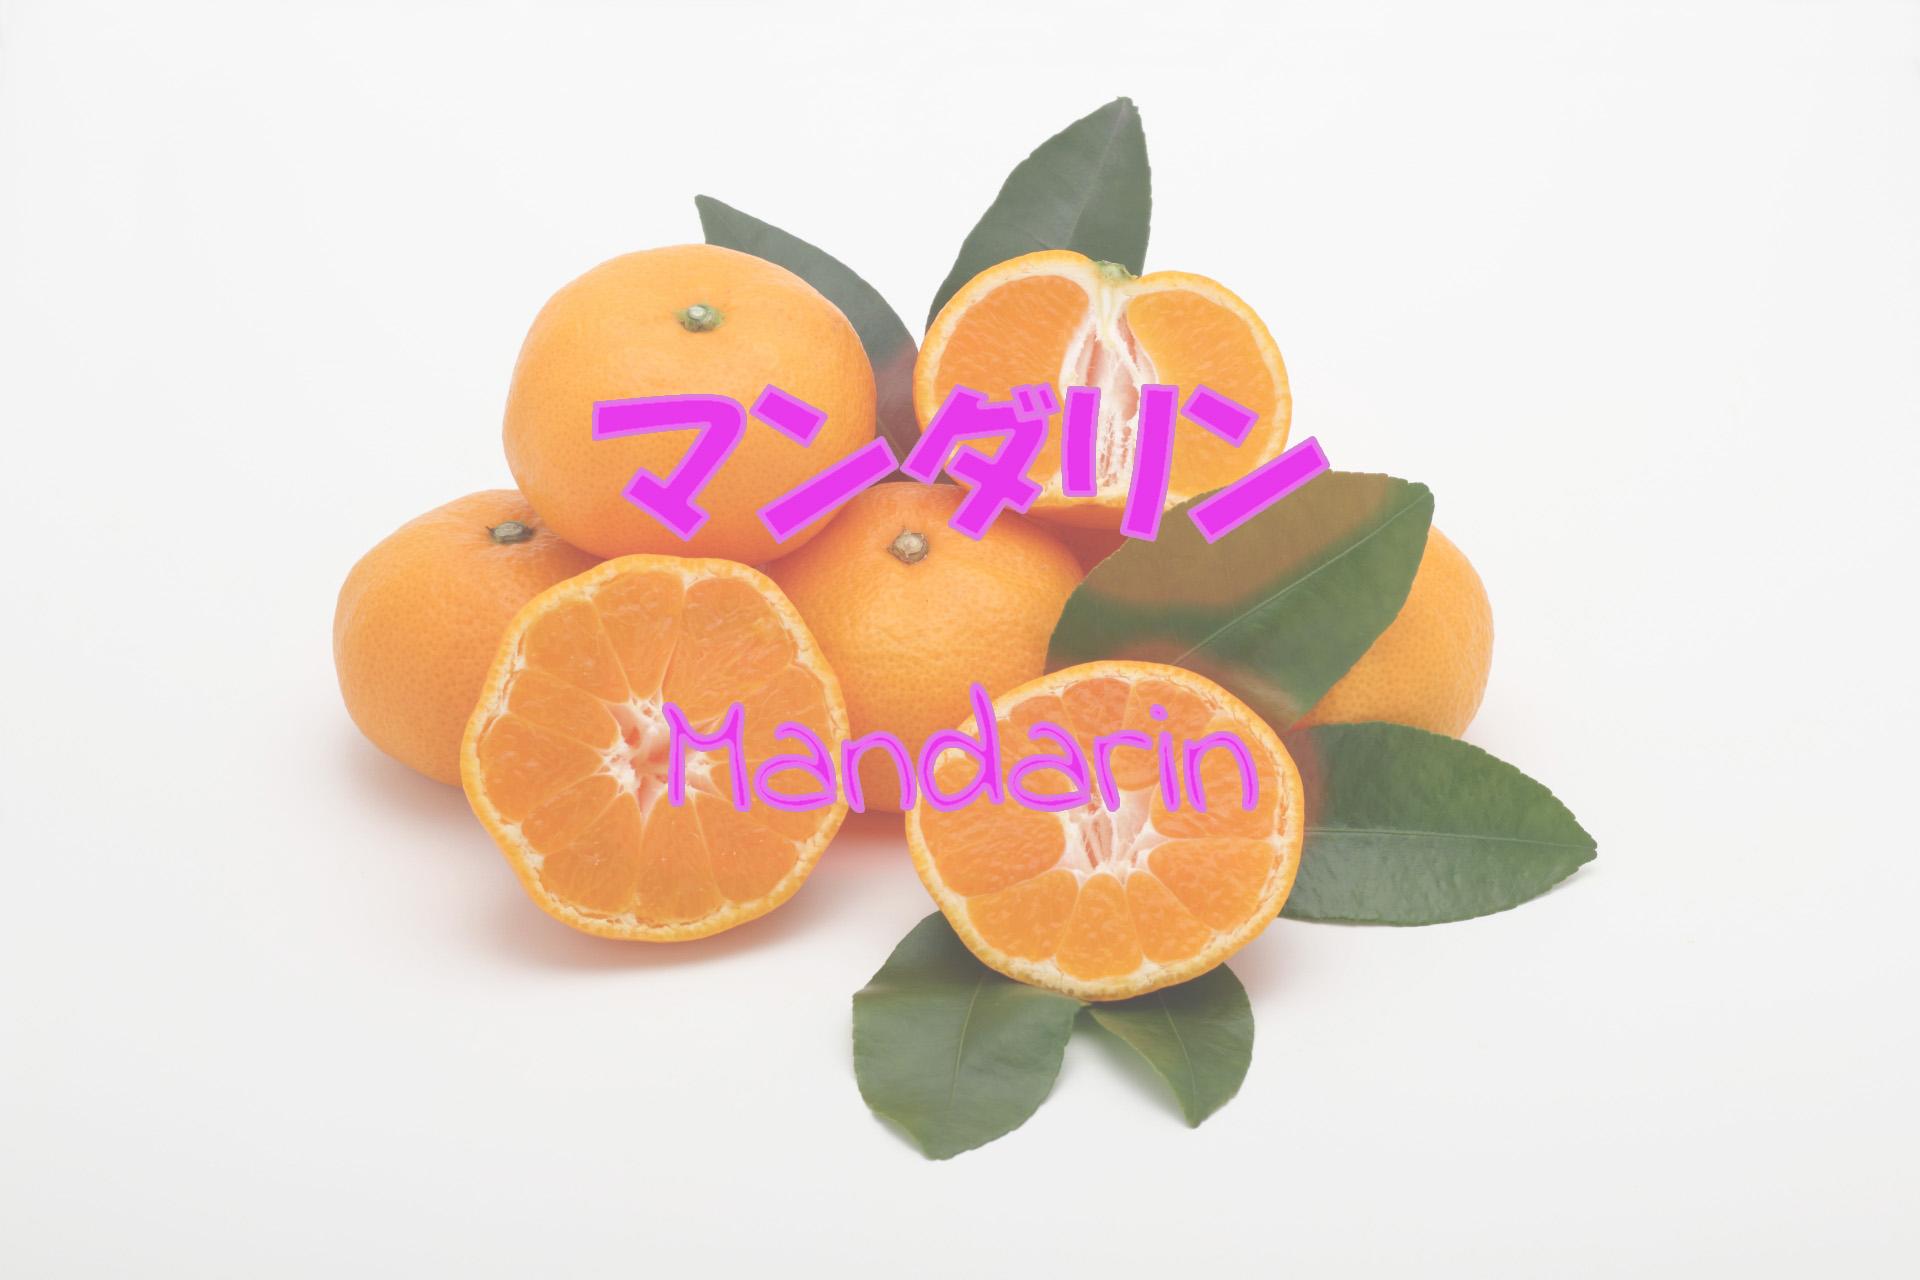 mandarin_191117